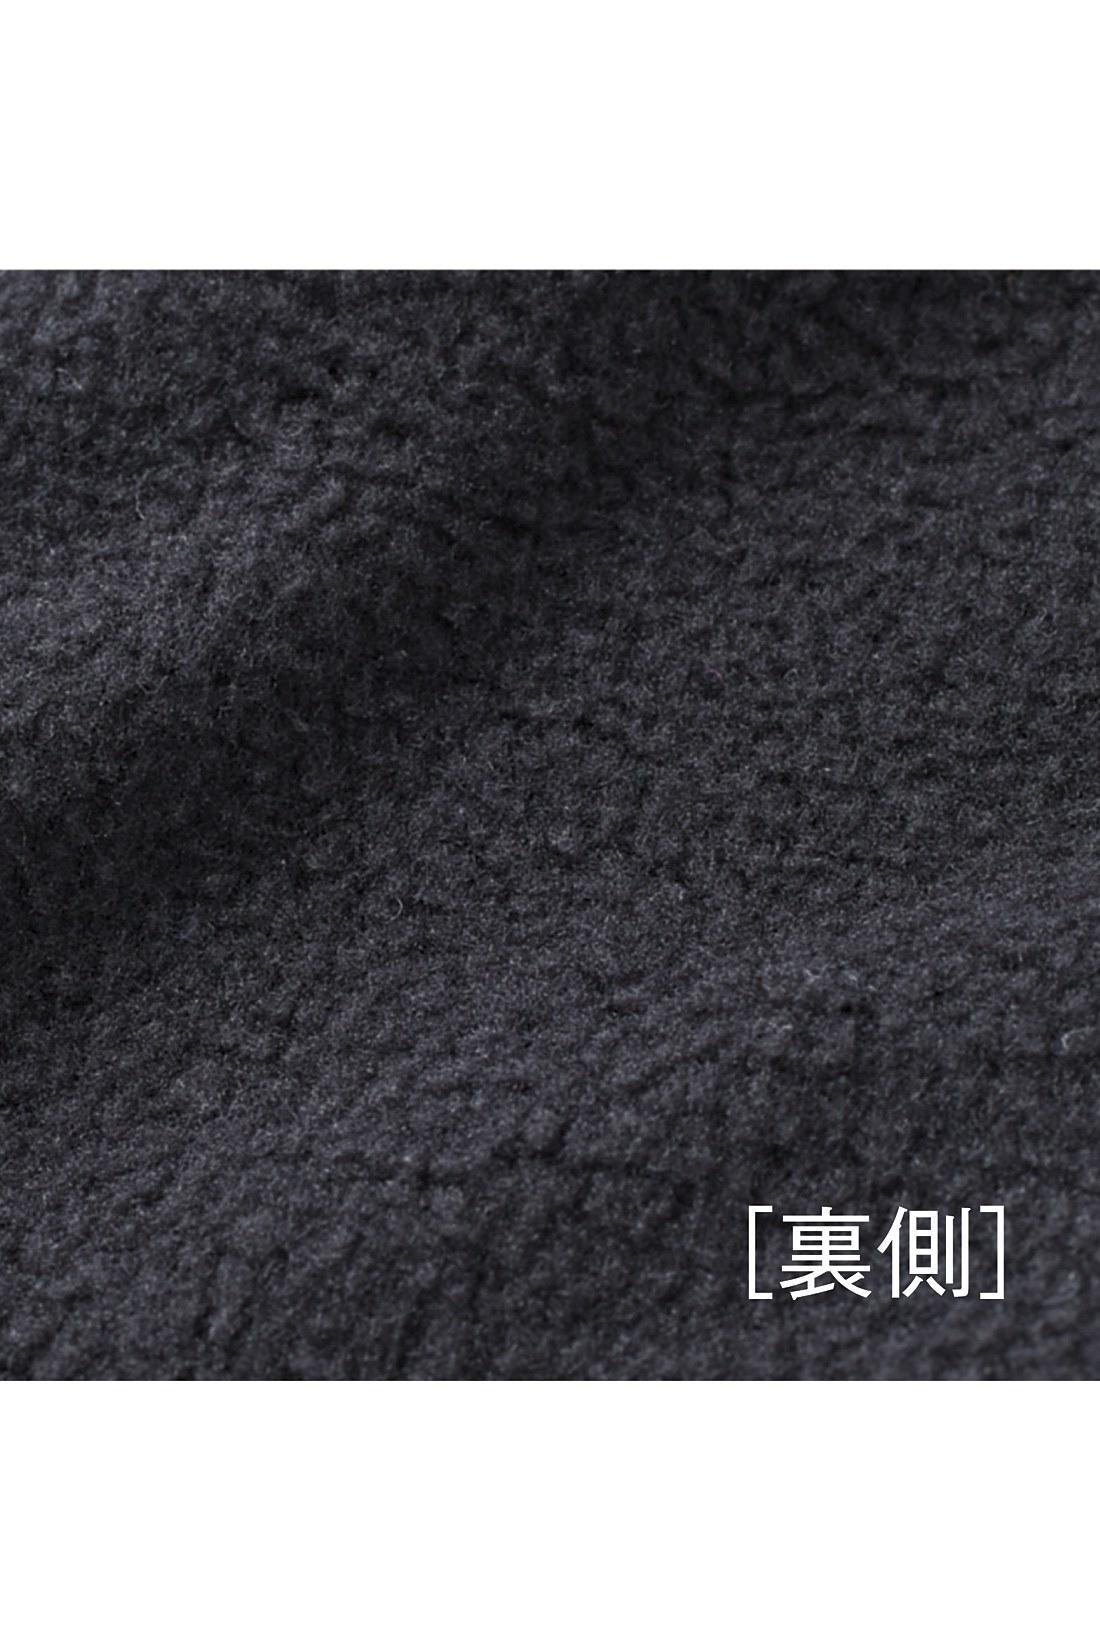 [裏側] 内側に付けたレギンスは伸びやかカットソーの裏起毛素材で、感動の暖かさ。